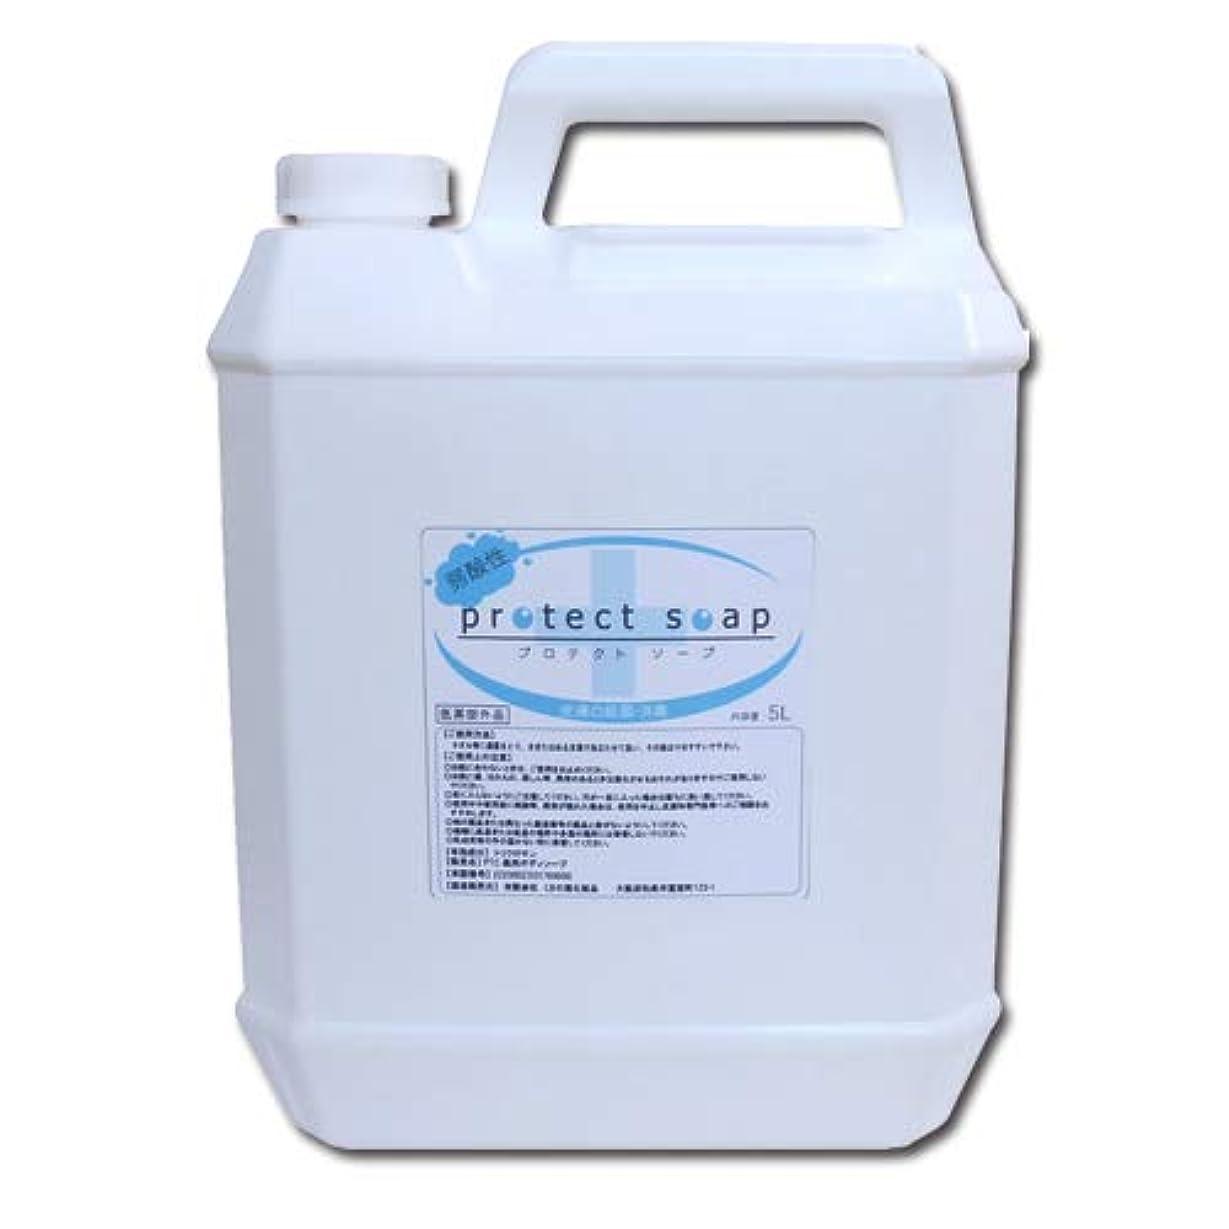 一生変位適切な低刺激弱酸性 液体石鹸 プロテクトソープ 5L 業務用│せっけん液 液体せっけん 殺菌?消毒 インフルエンザ?ノロウィルス対策